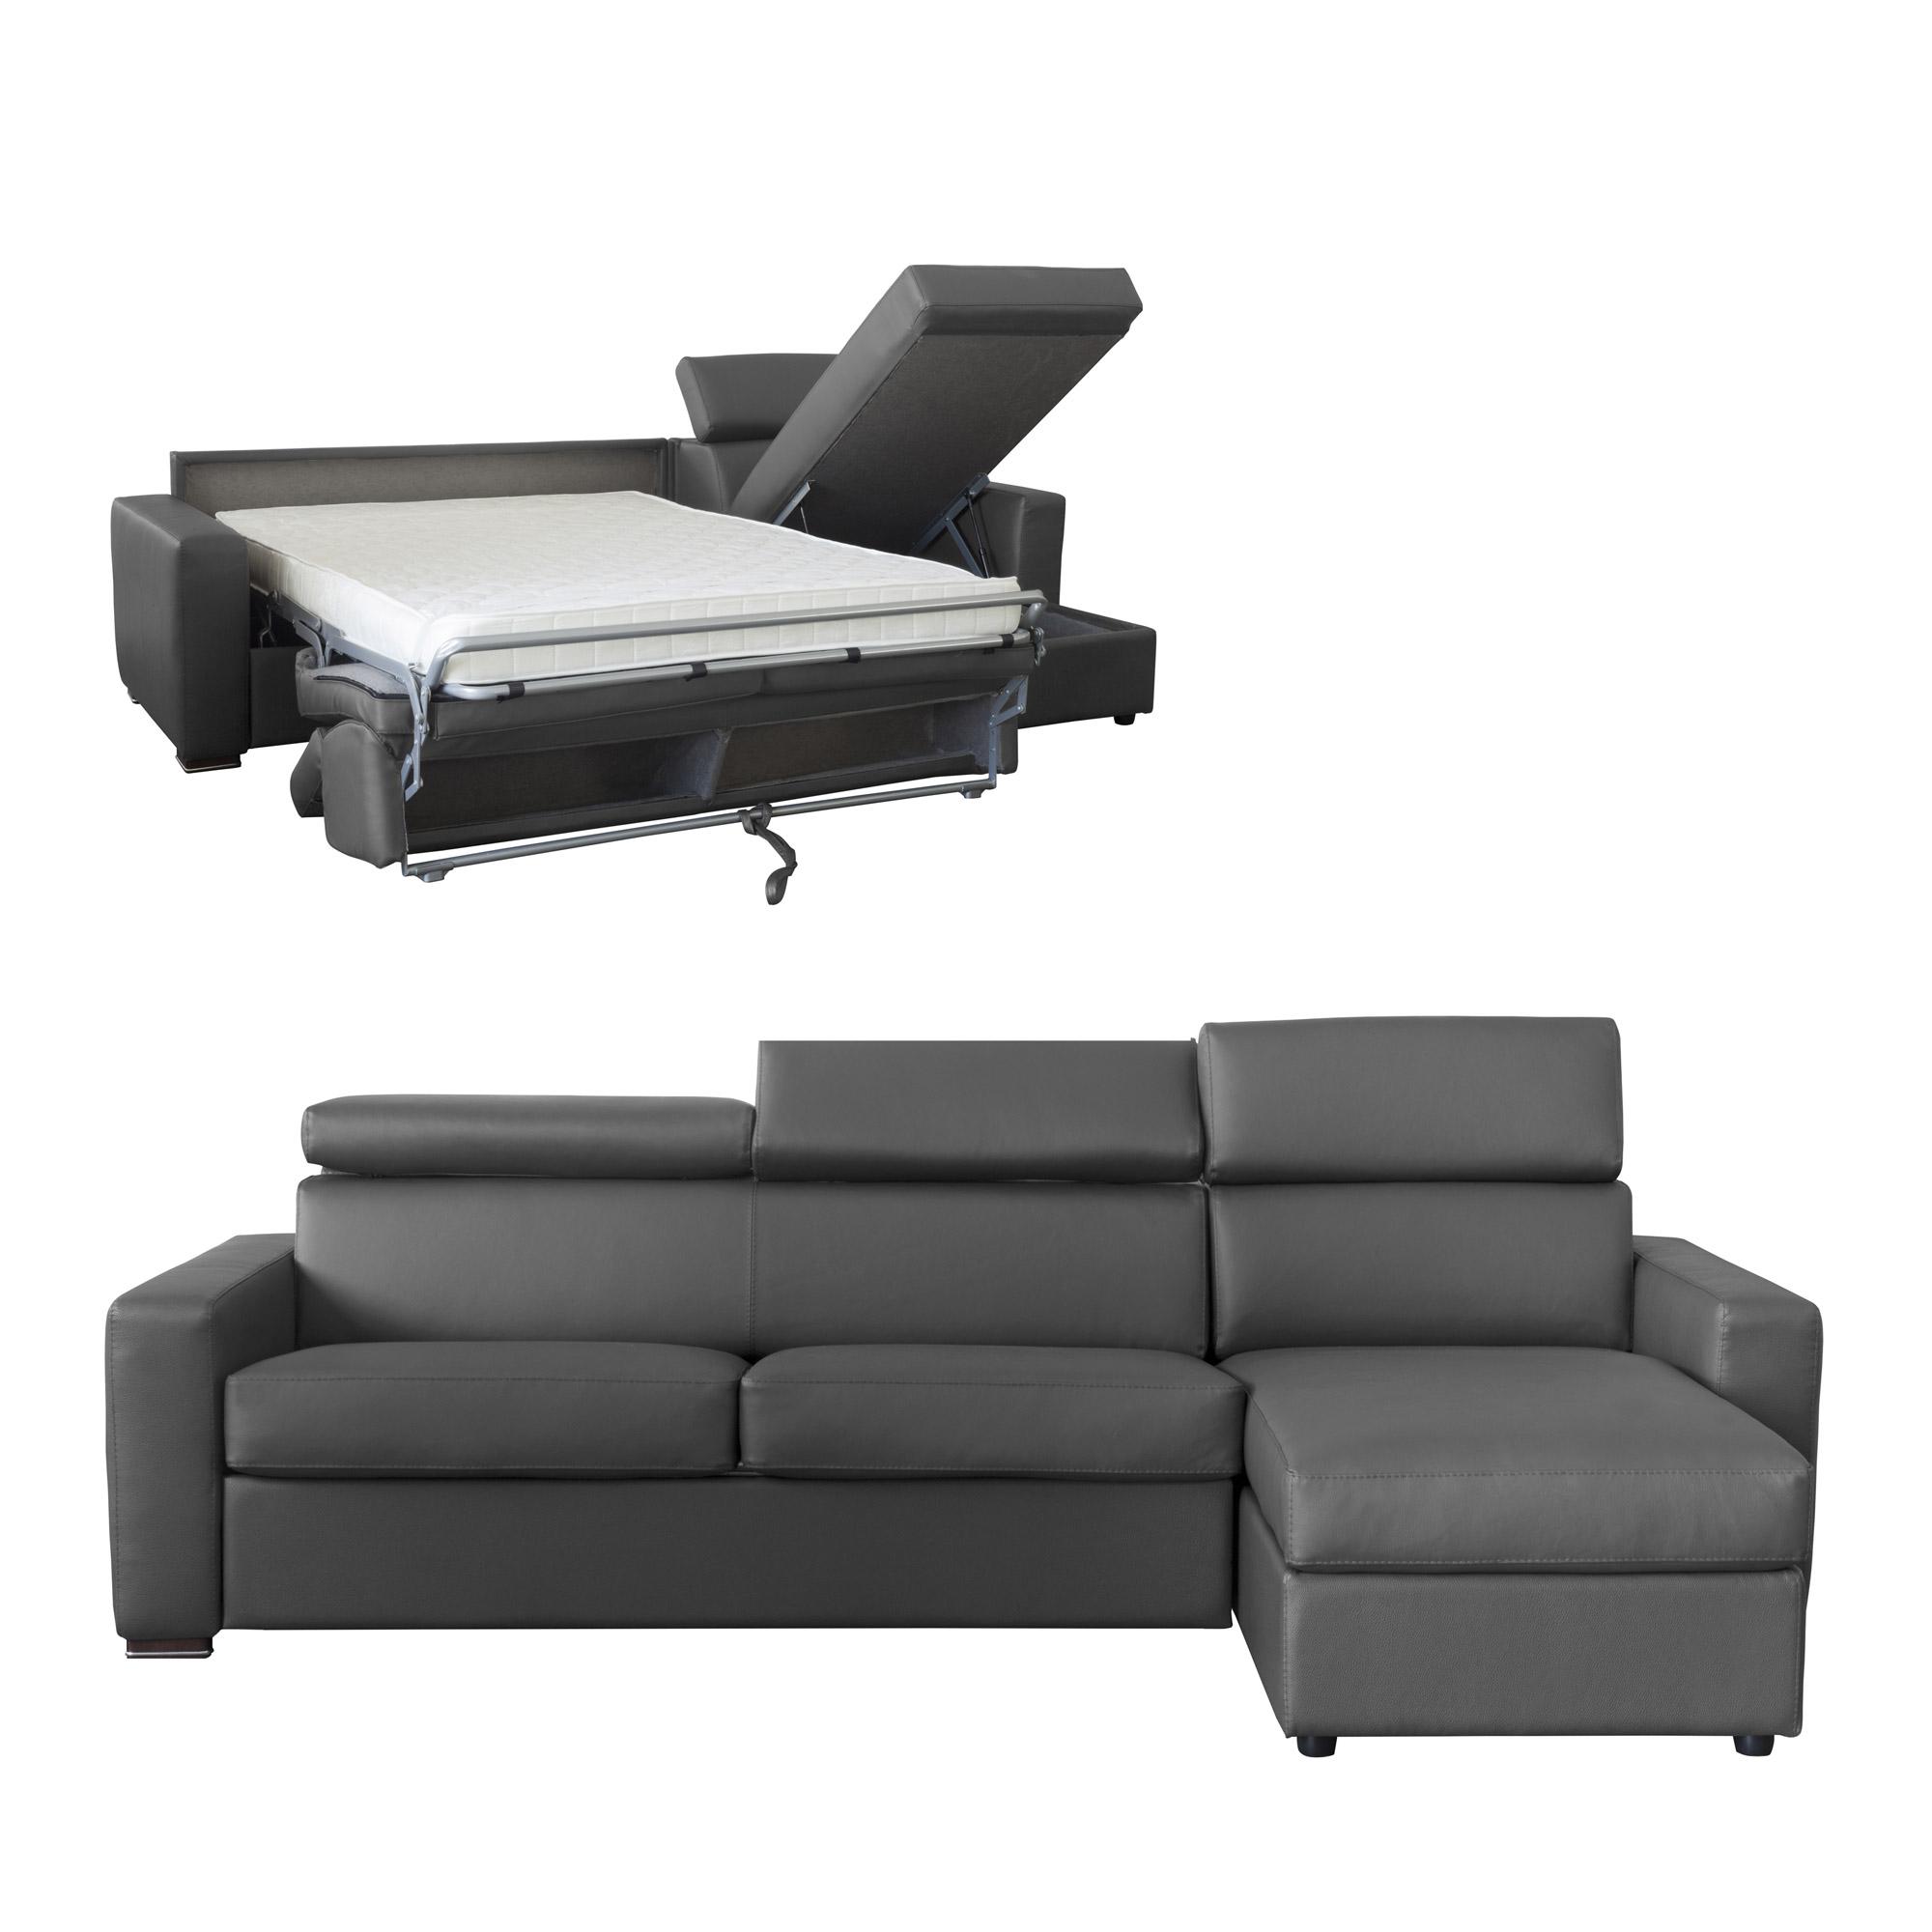 Canapé d'angle convertible et réversible en cuir [Meilleur ...